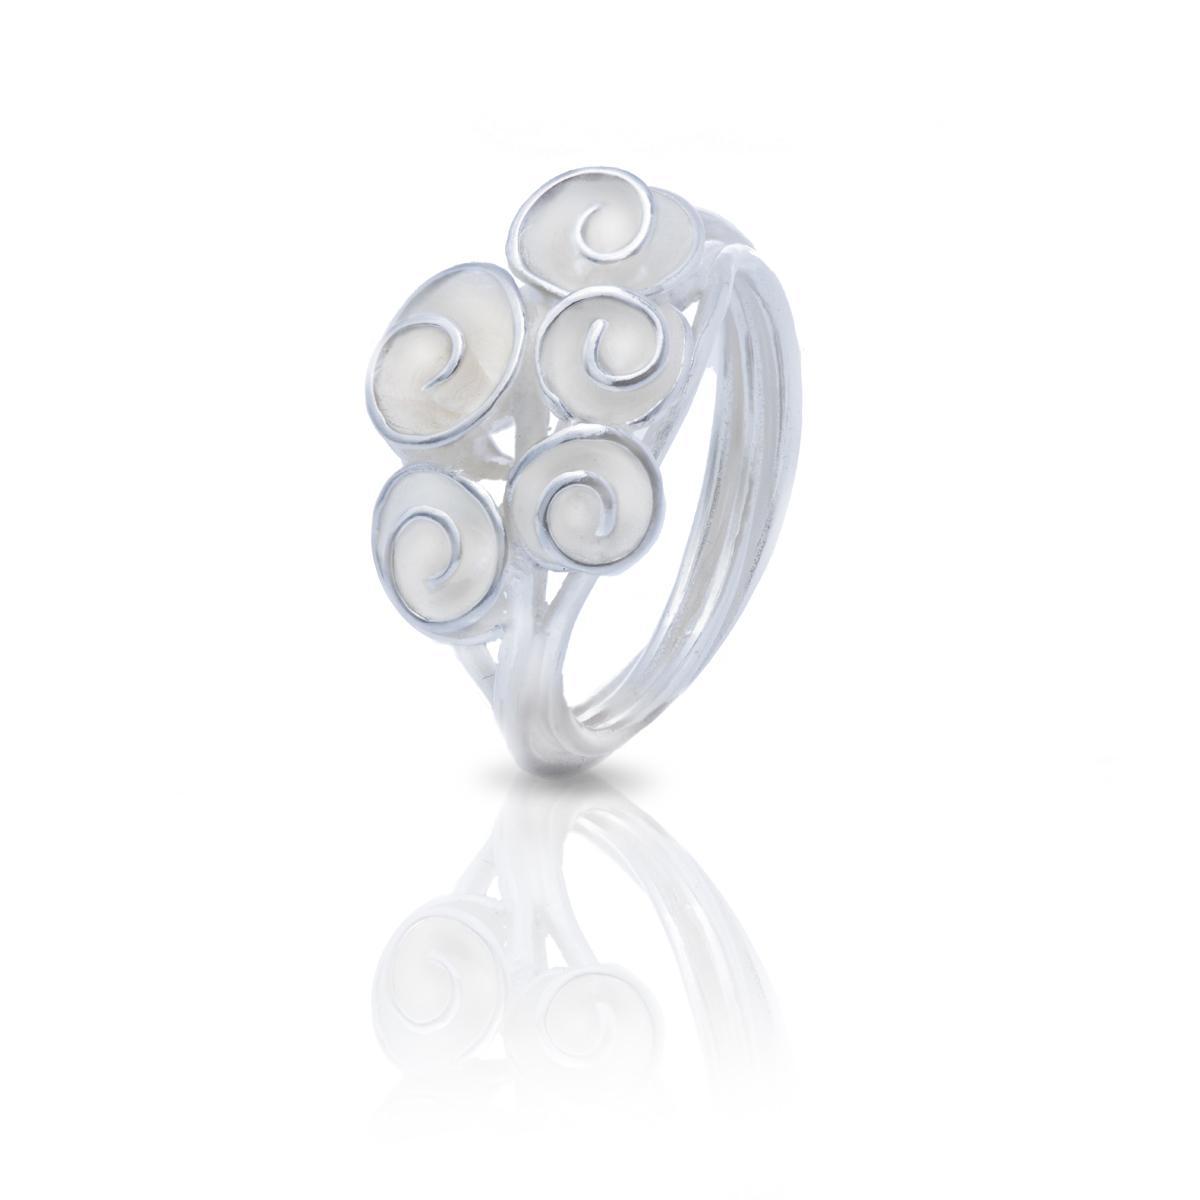 ZR-01-1 Roosjes ring